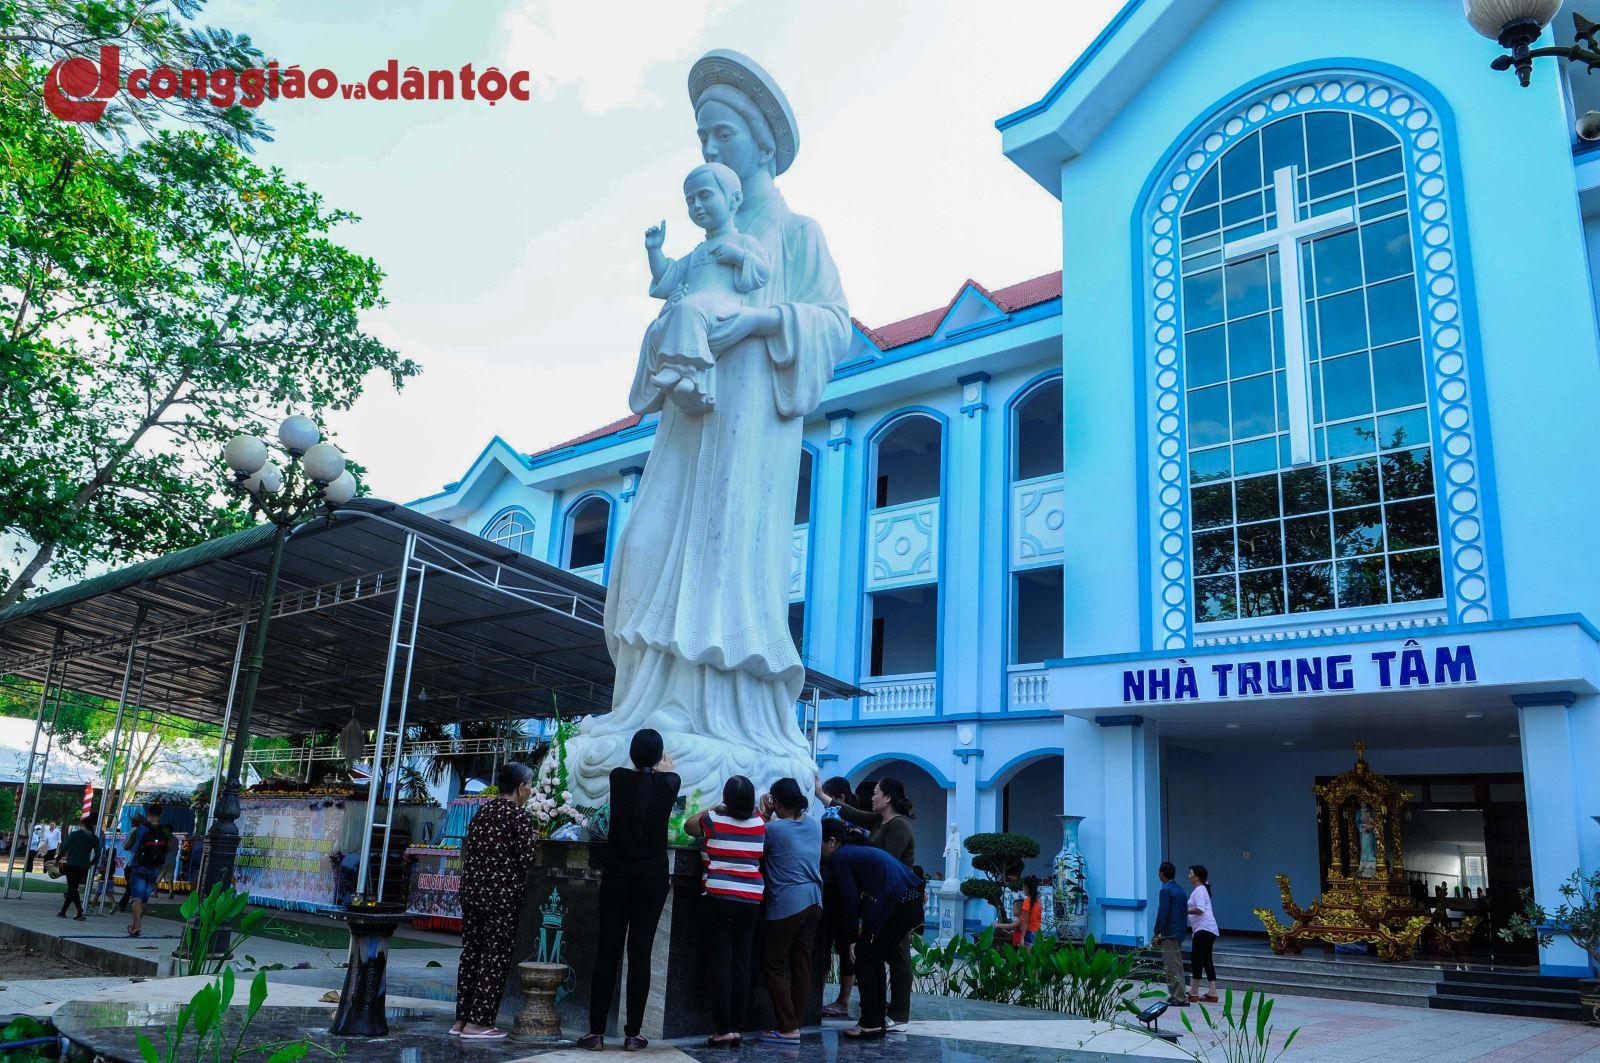 Đền thánh La Vang trước giờ khai mạc Đại hội hành hương Đức Mẹ La Vang lần thứ 31